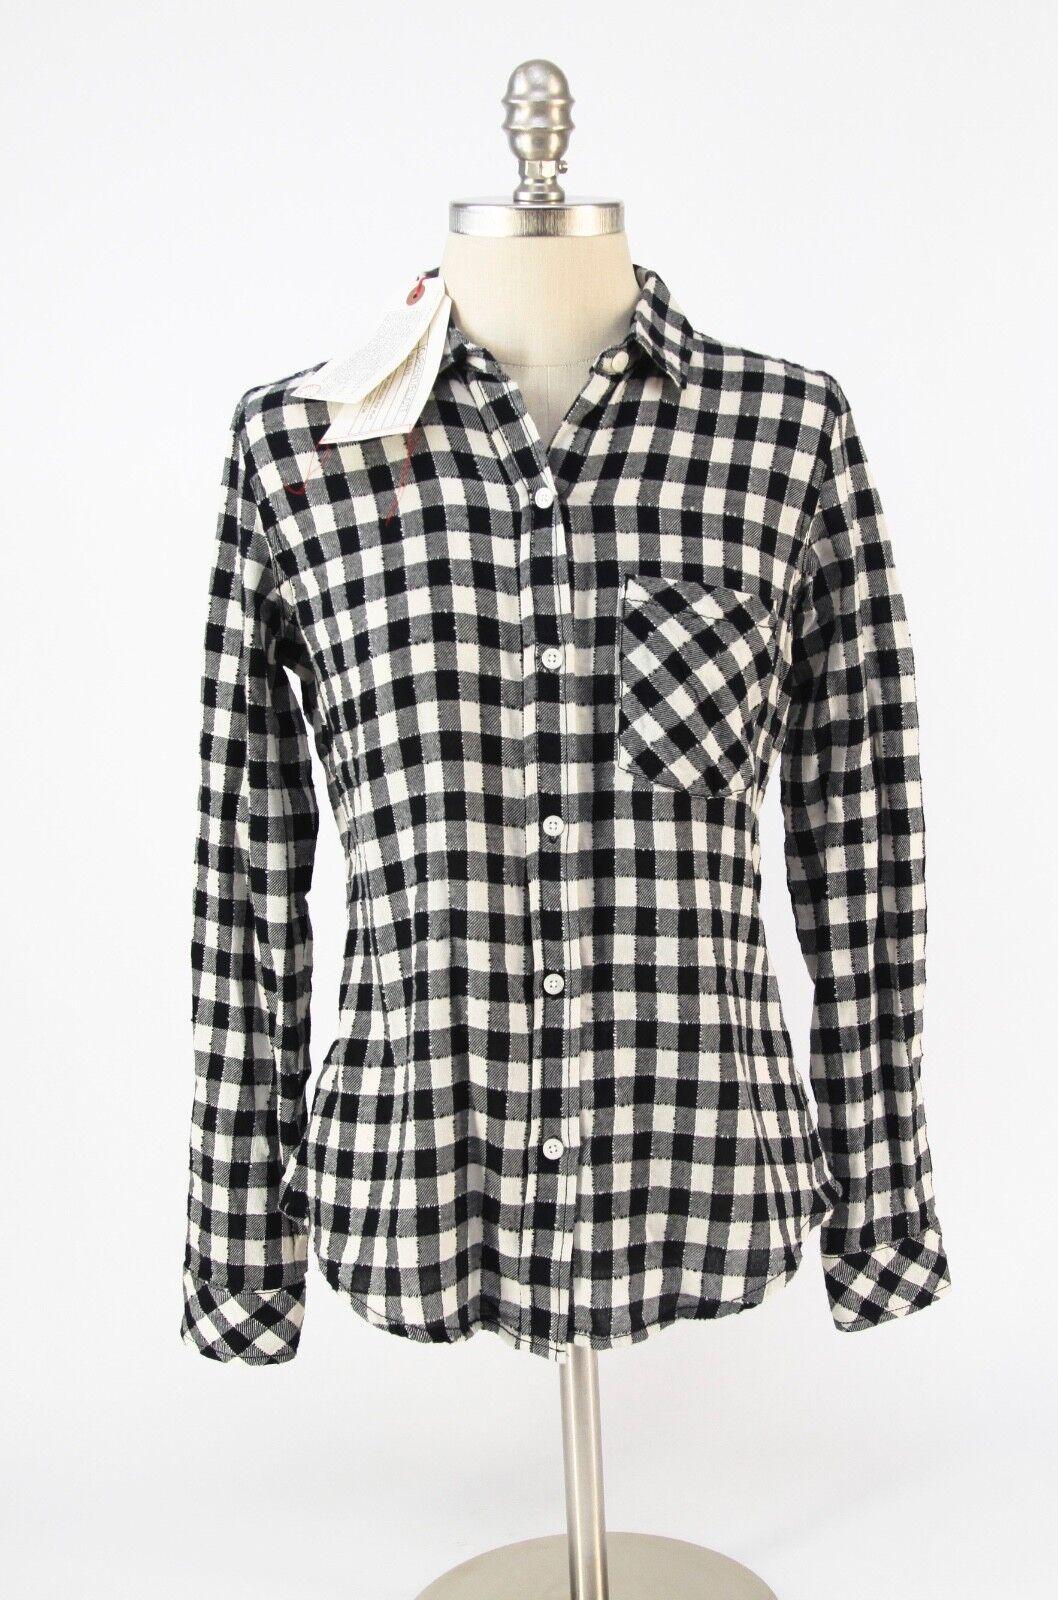 NEW  Current Elliot Workwear Slim Boy Buffalo Check Plaid Shirt Größe 1